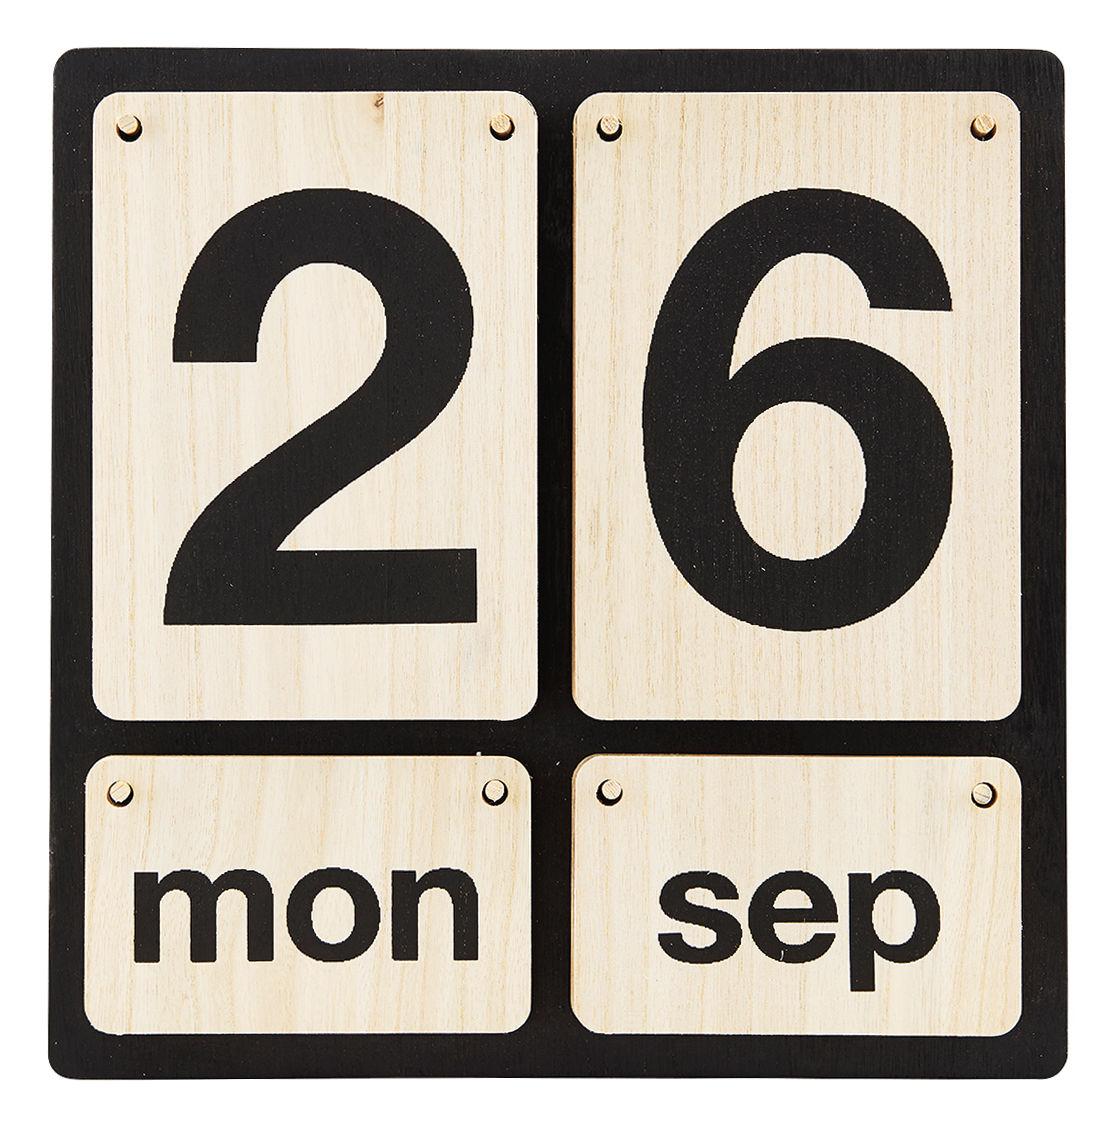 Dekoration - Memos, Magnettafel und Kalender - Lightyear Ewiger Kalender zum Aufhängen / Holz - House Doctor - Helles Holz / schwarz - Paulownia